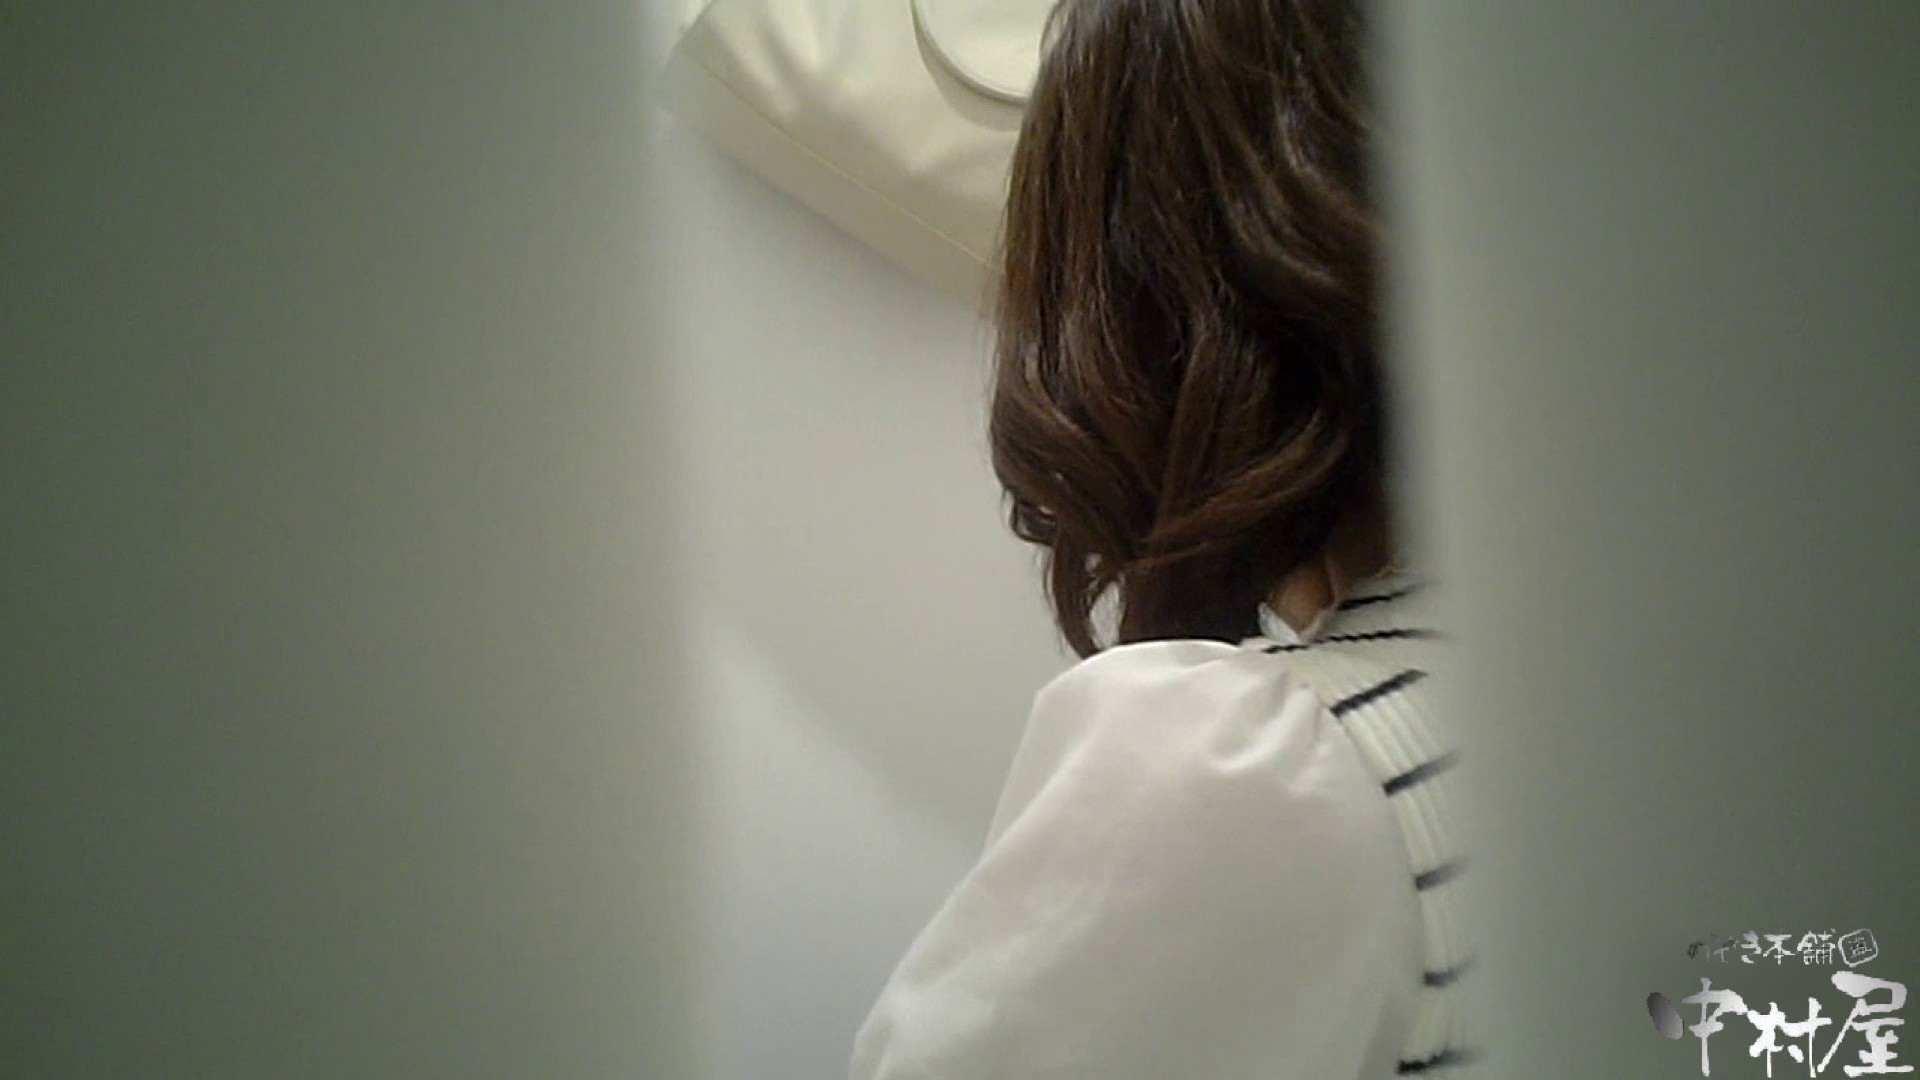 【某有名大学女性洗面所】有名大学女性洗面所 vol.37 ついでにアンダーヘアーの状態確認ですね。 潜入  60連発 55